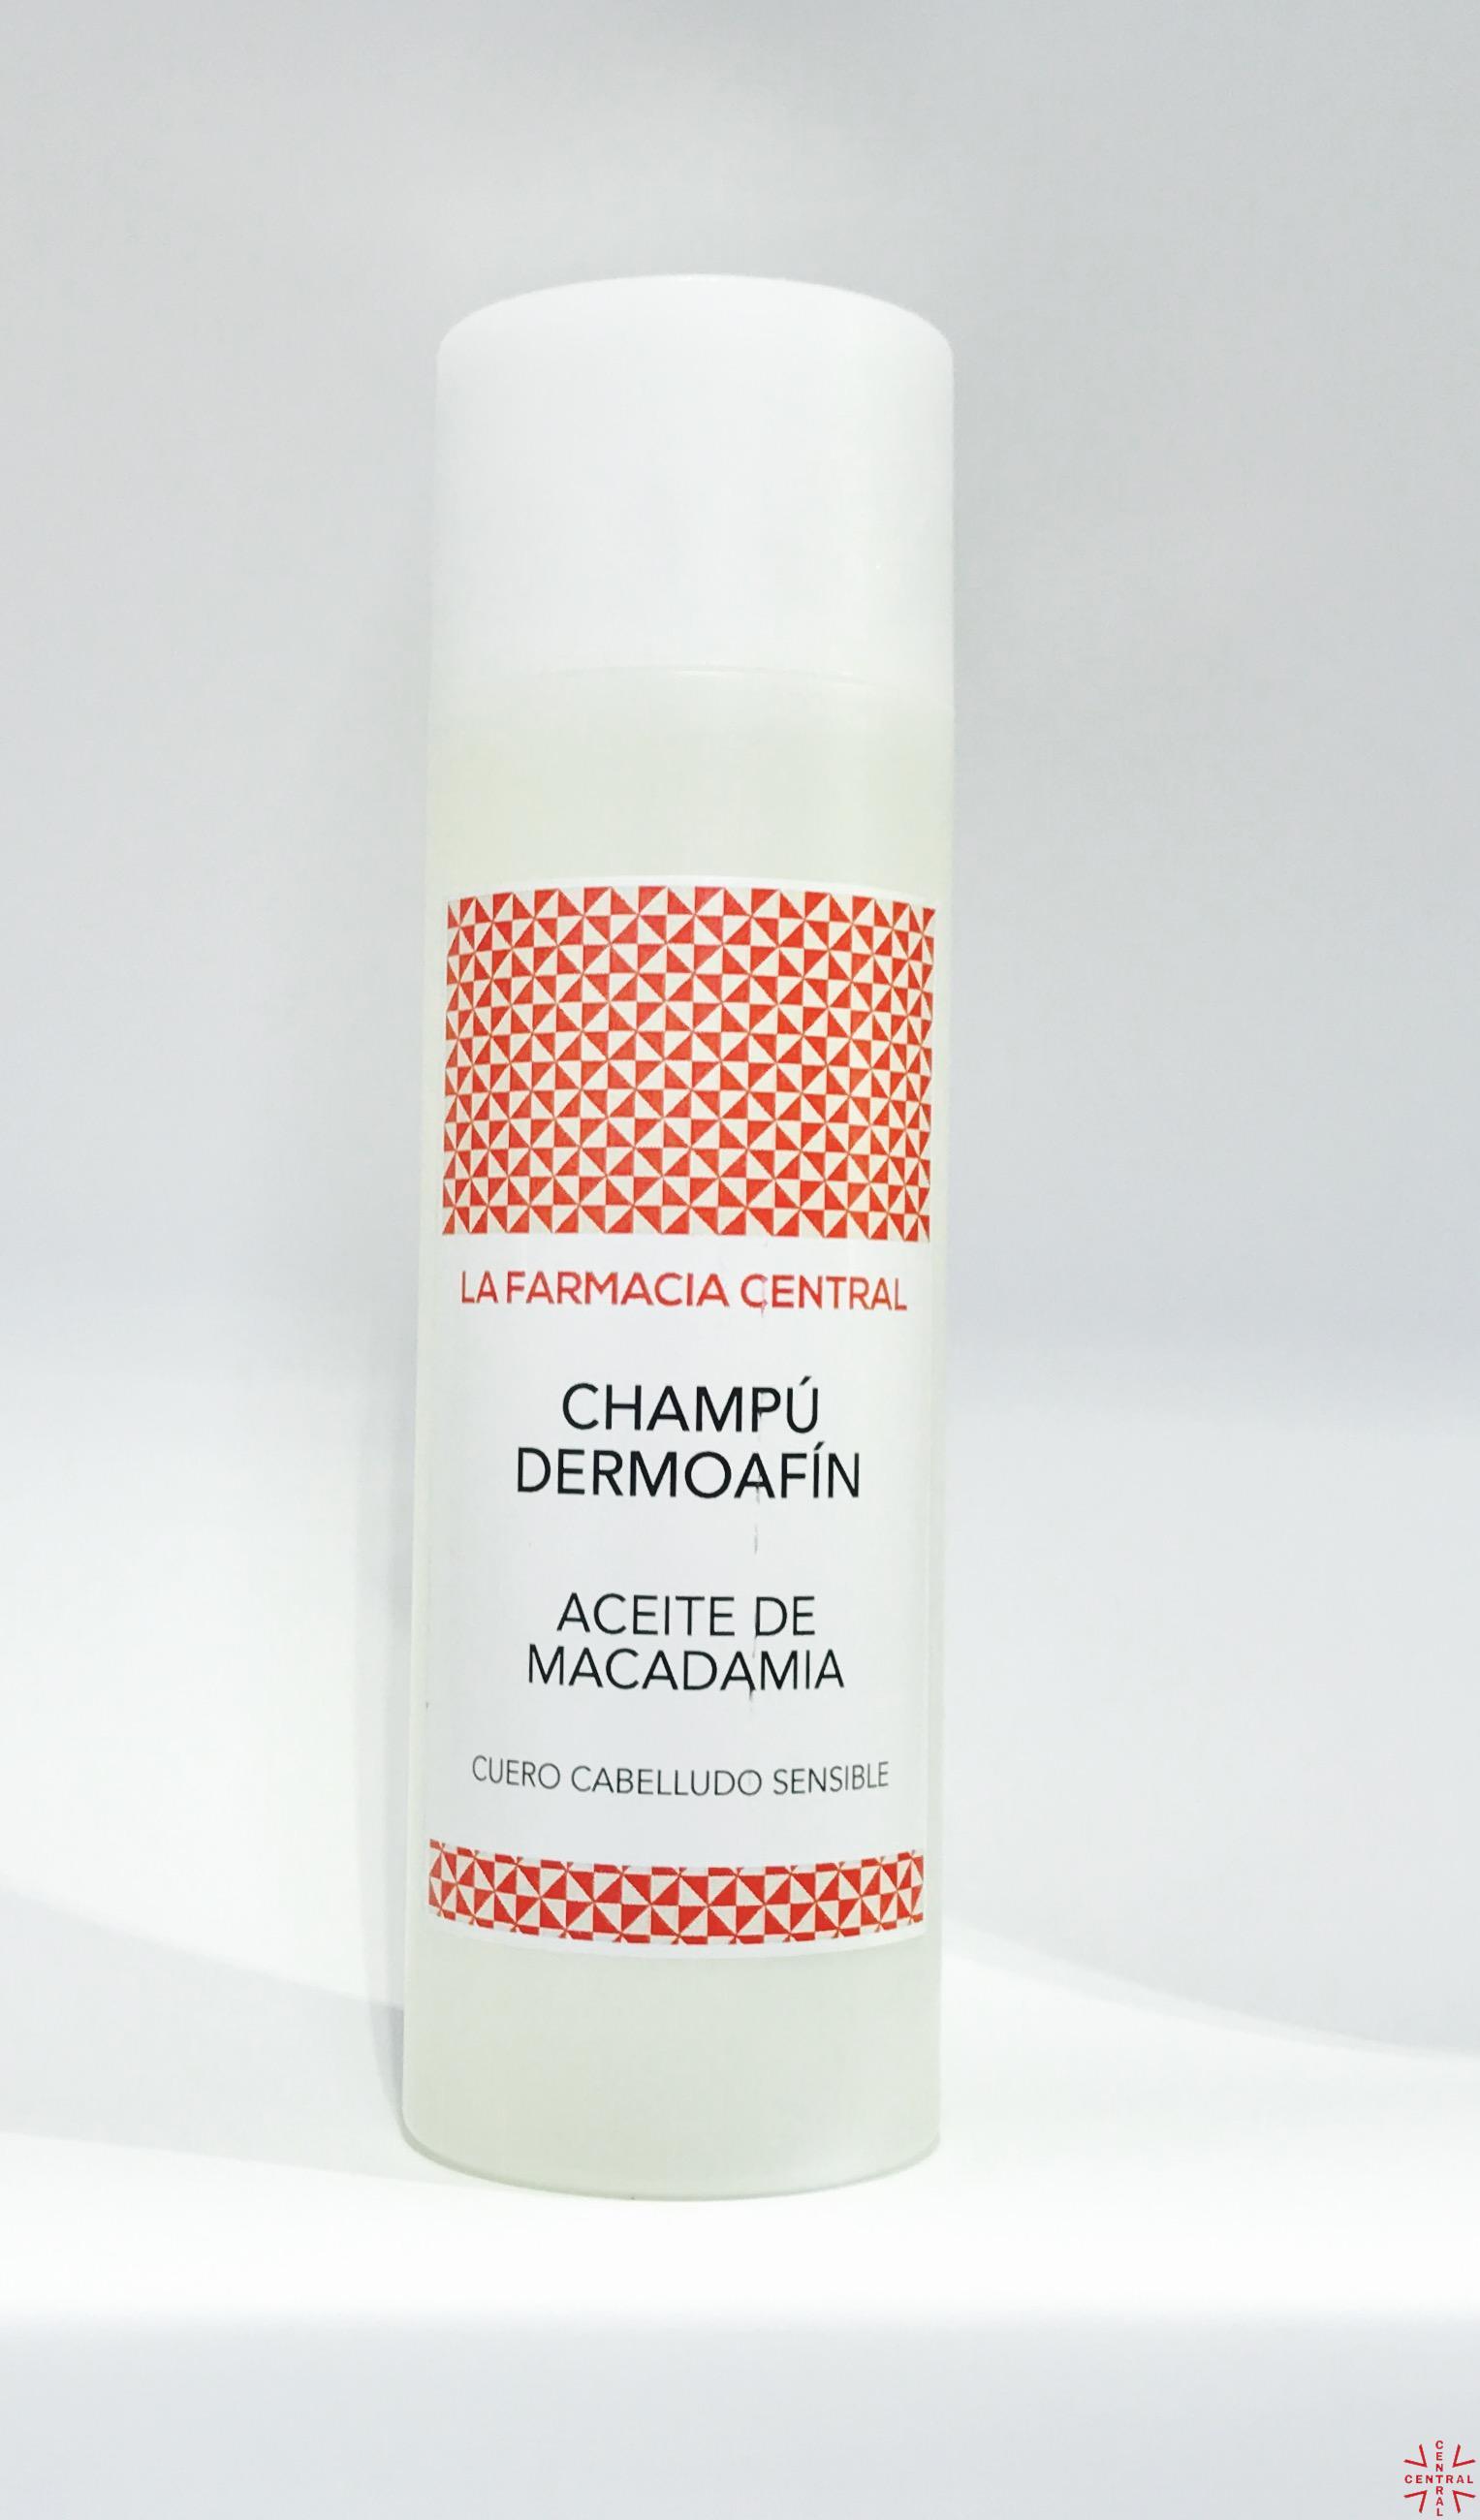 LFC Champú dermoafin aceite de macadamia 200ml